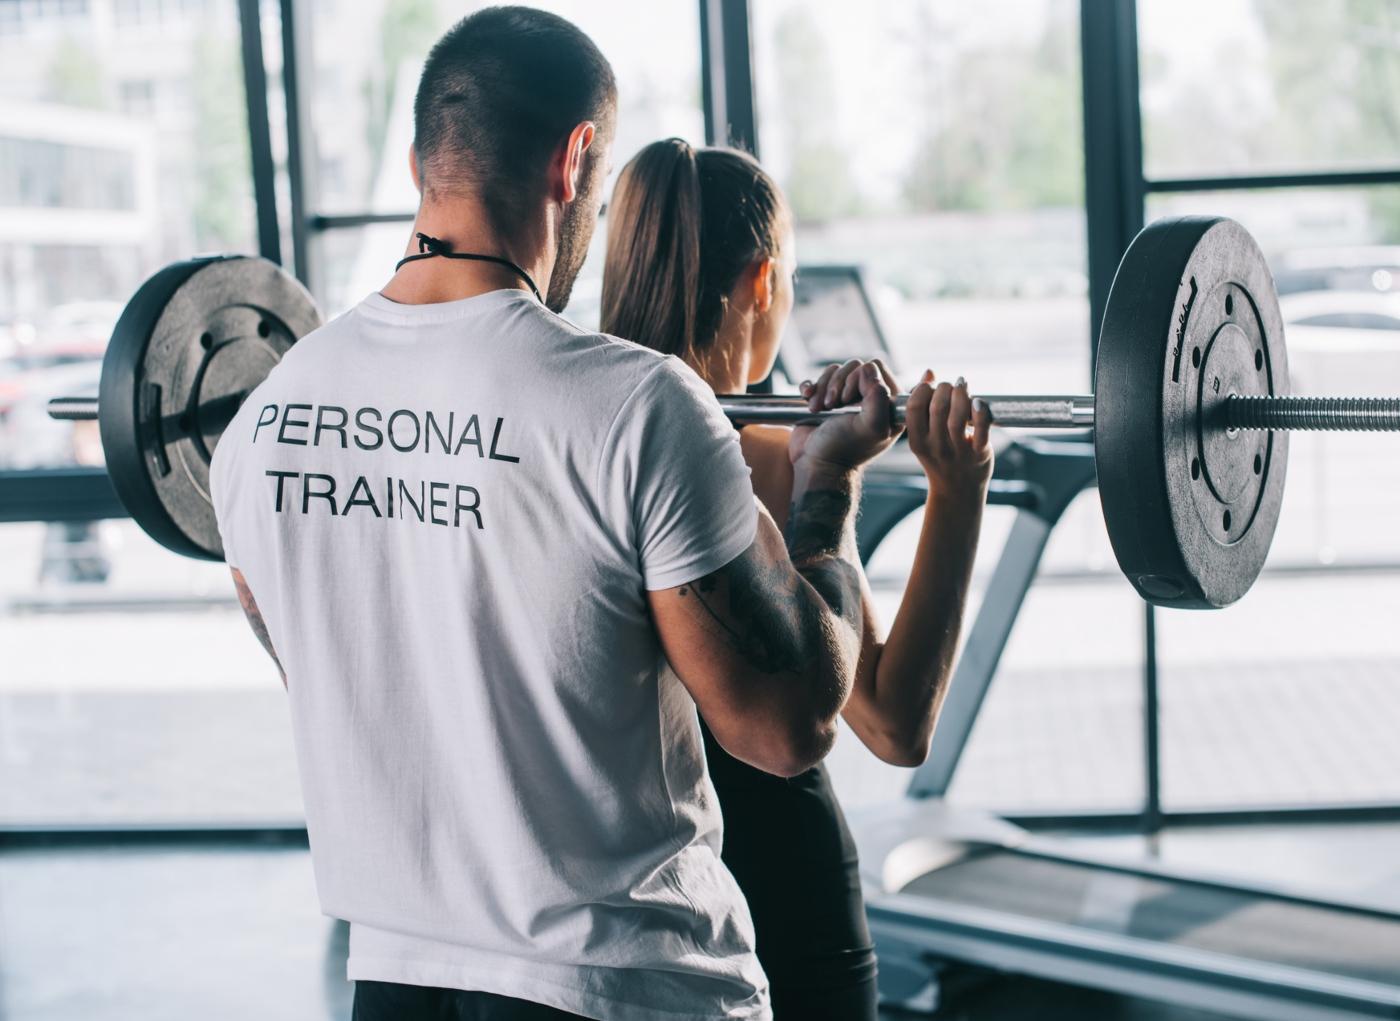 Personal trainer a pôr em prática plano de treino de força